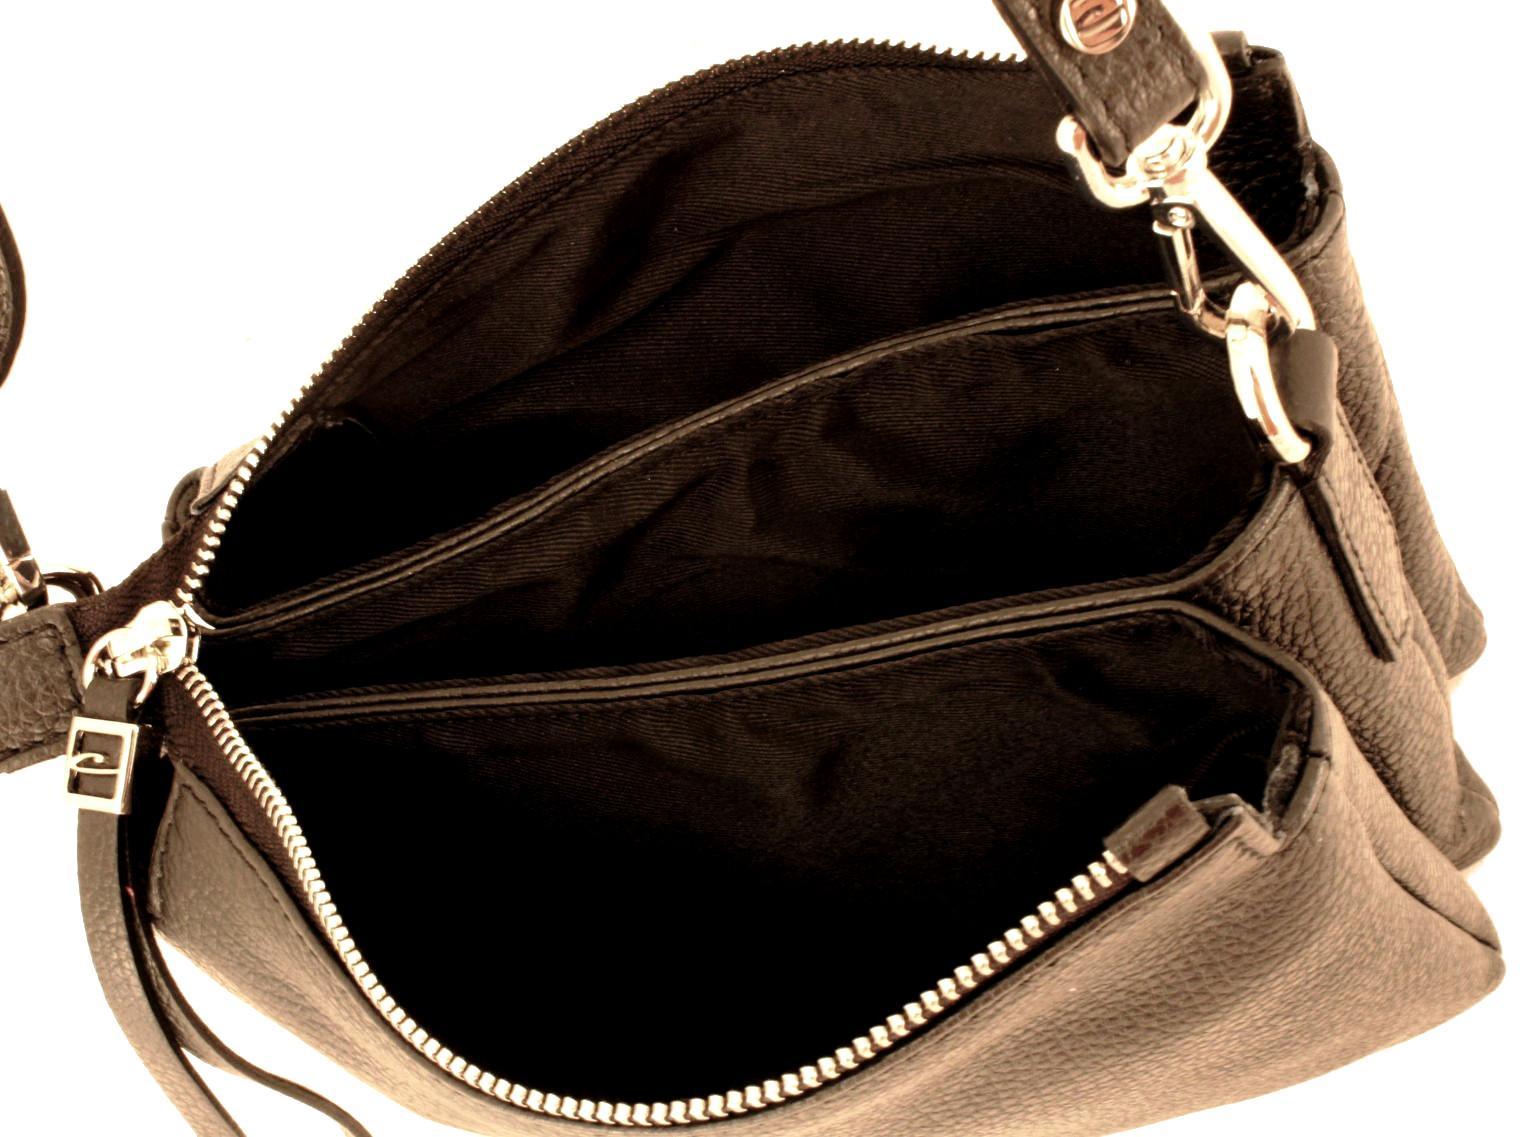 Damentasche Gianni Chiarini Three Marble wollweiß dreigeteilt